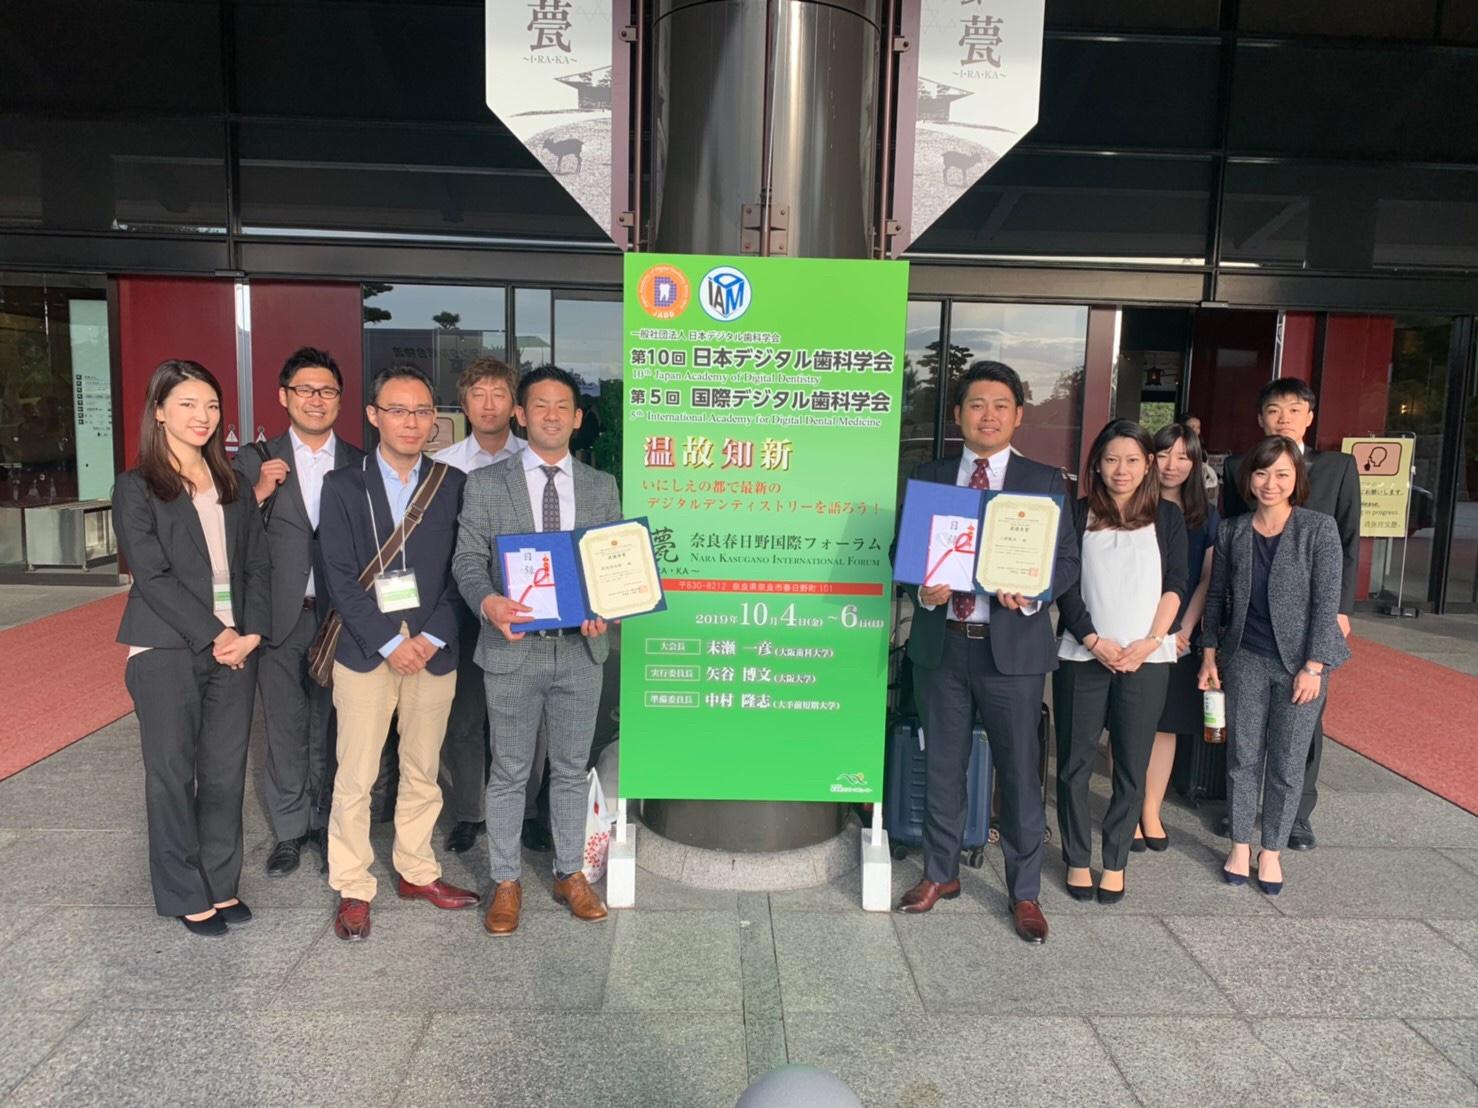 2019年第10回日本デジタル歯科学会 第5回国際デジタル歯科学会